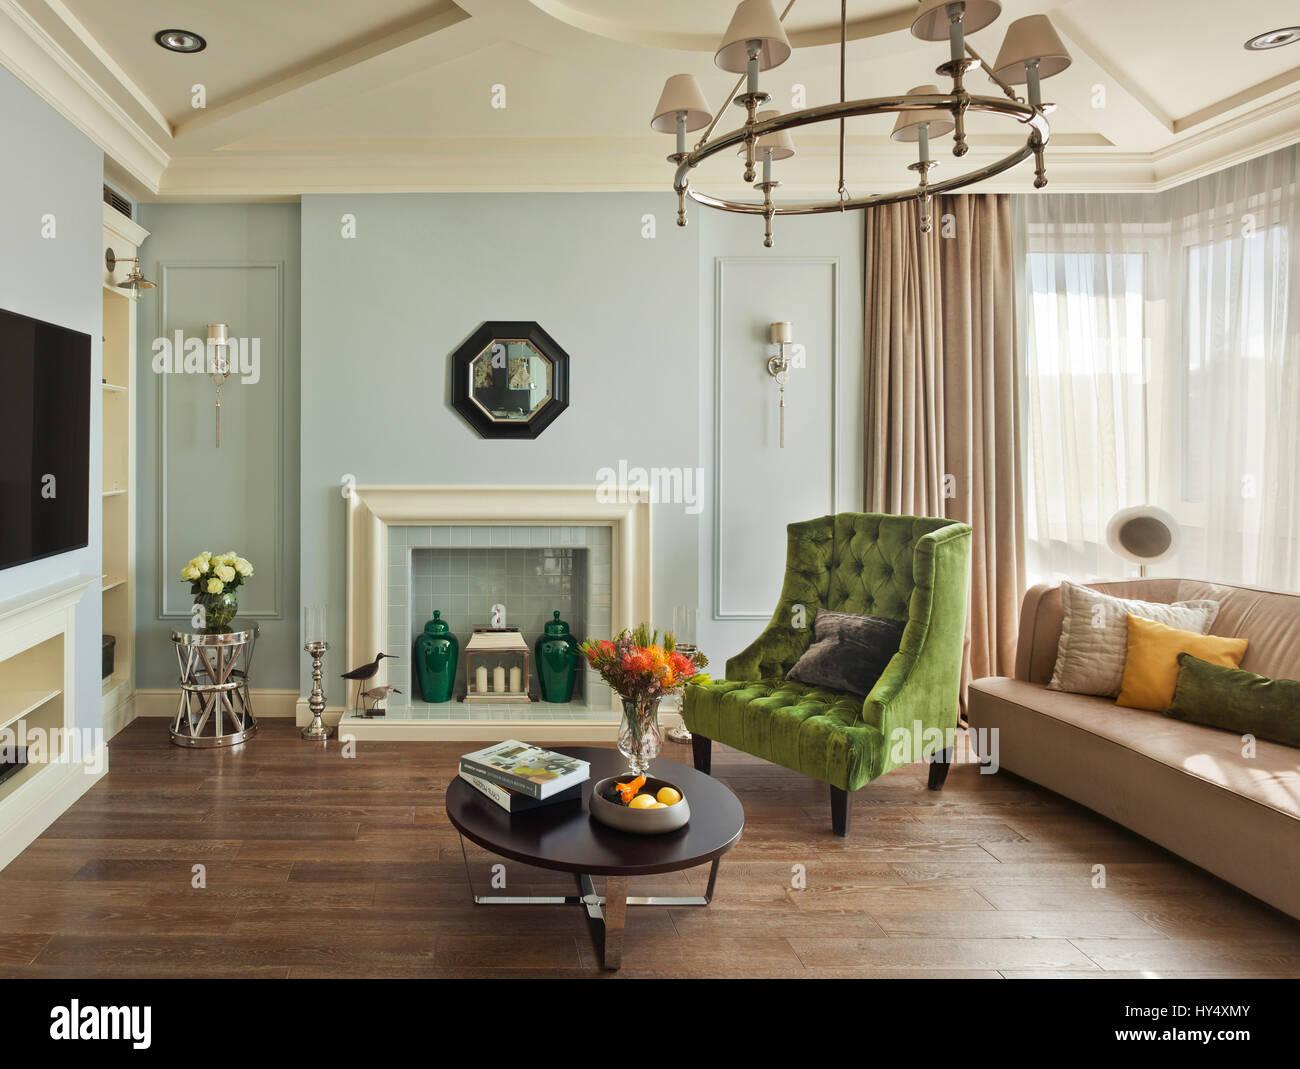 Appartement De Luxe Dans Un Style Classique à Moscou Design D - Chambre design de luxe